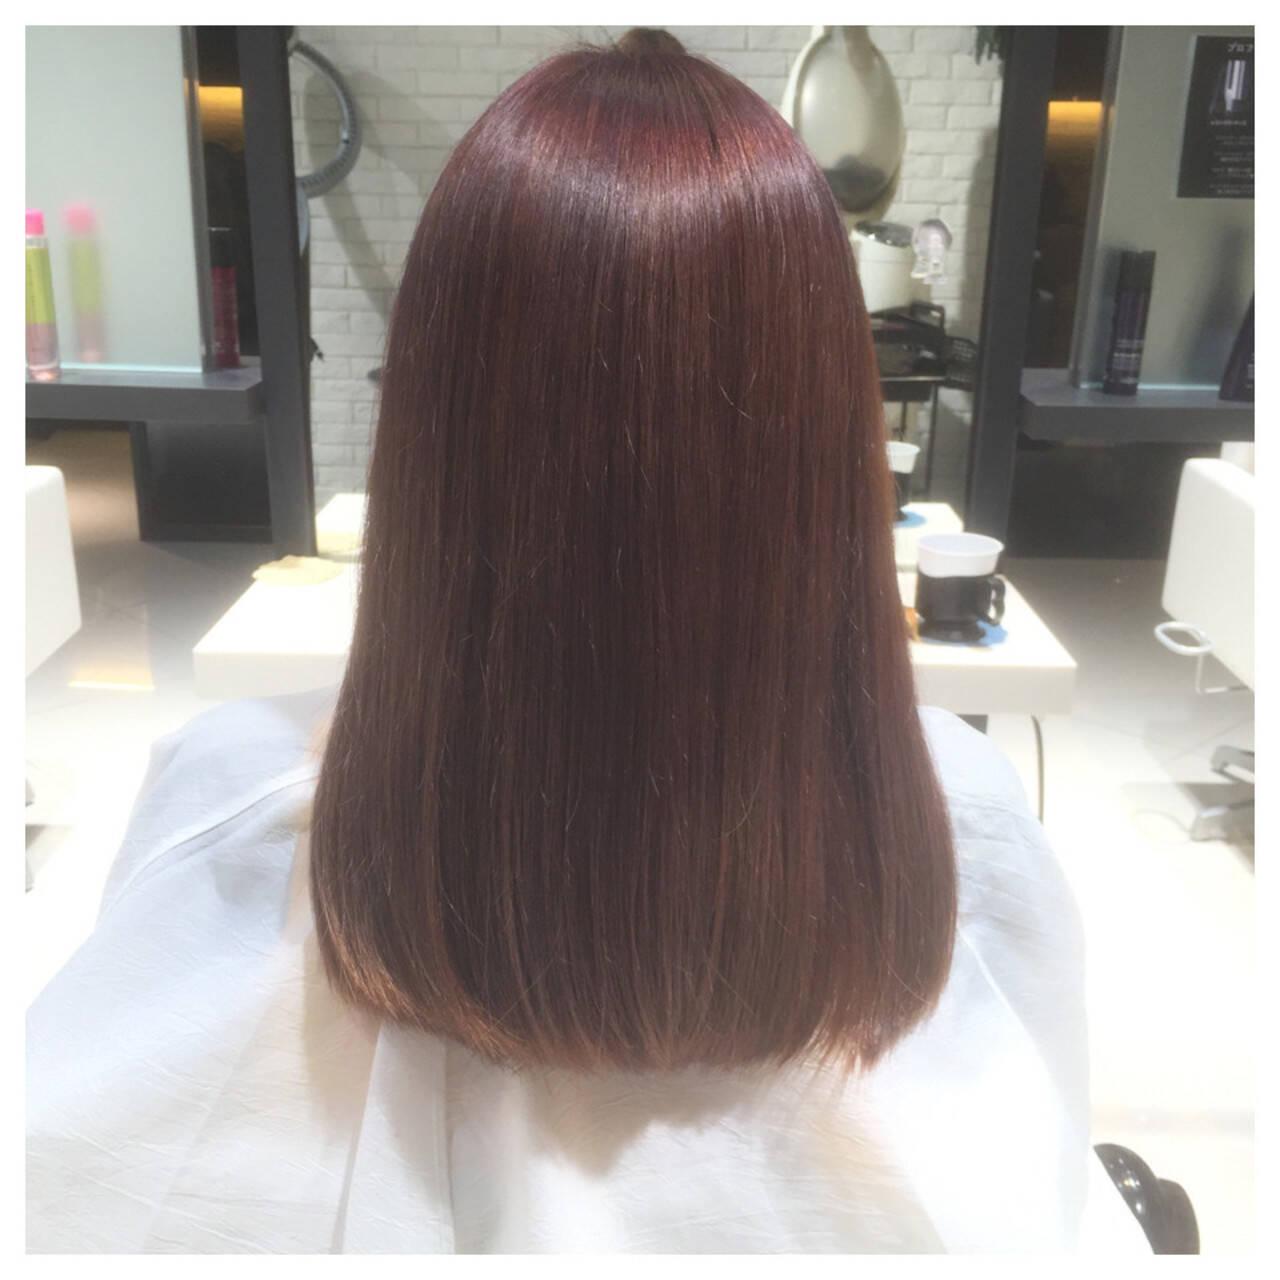 ガーリー ダブルカラー パープル レッドヘアスタイルや髪型の写真・画像